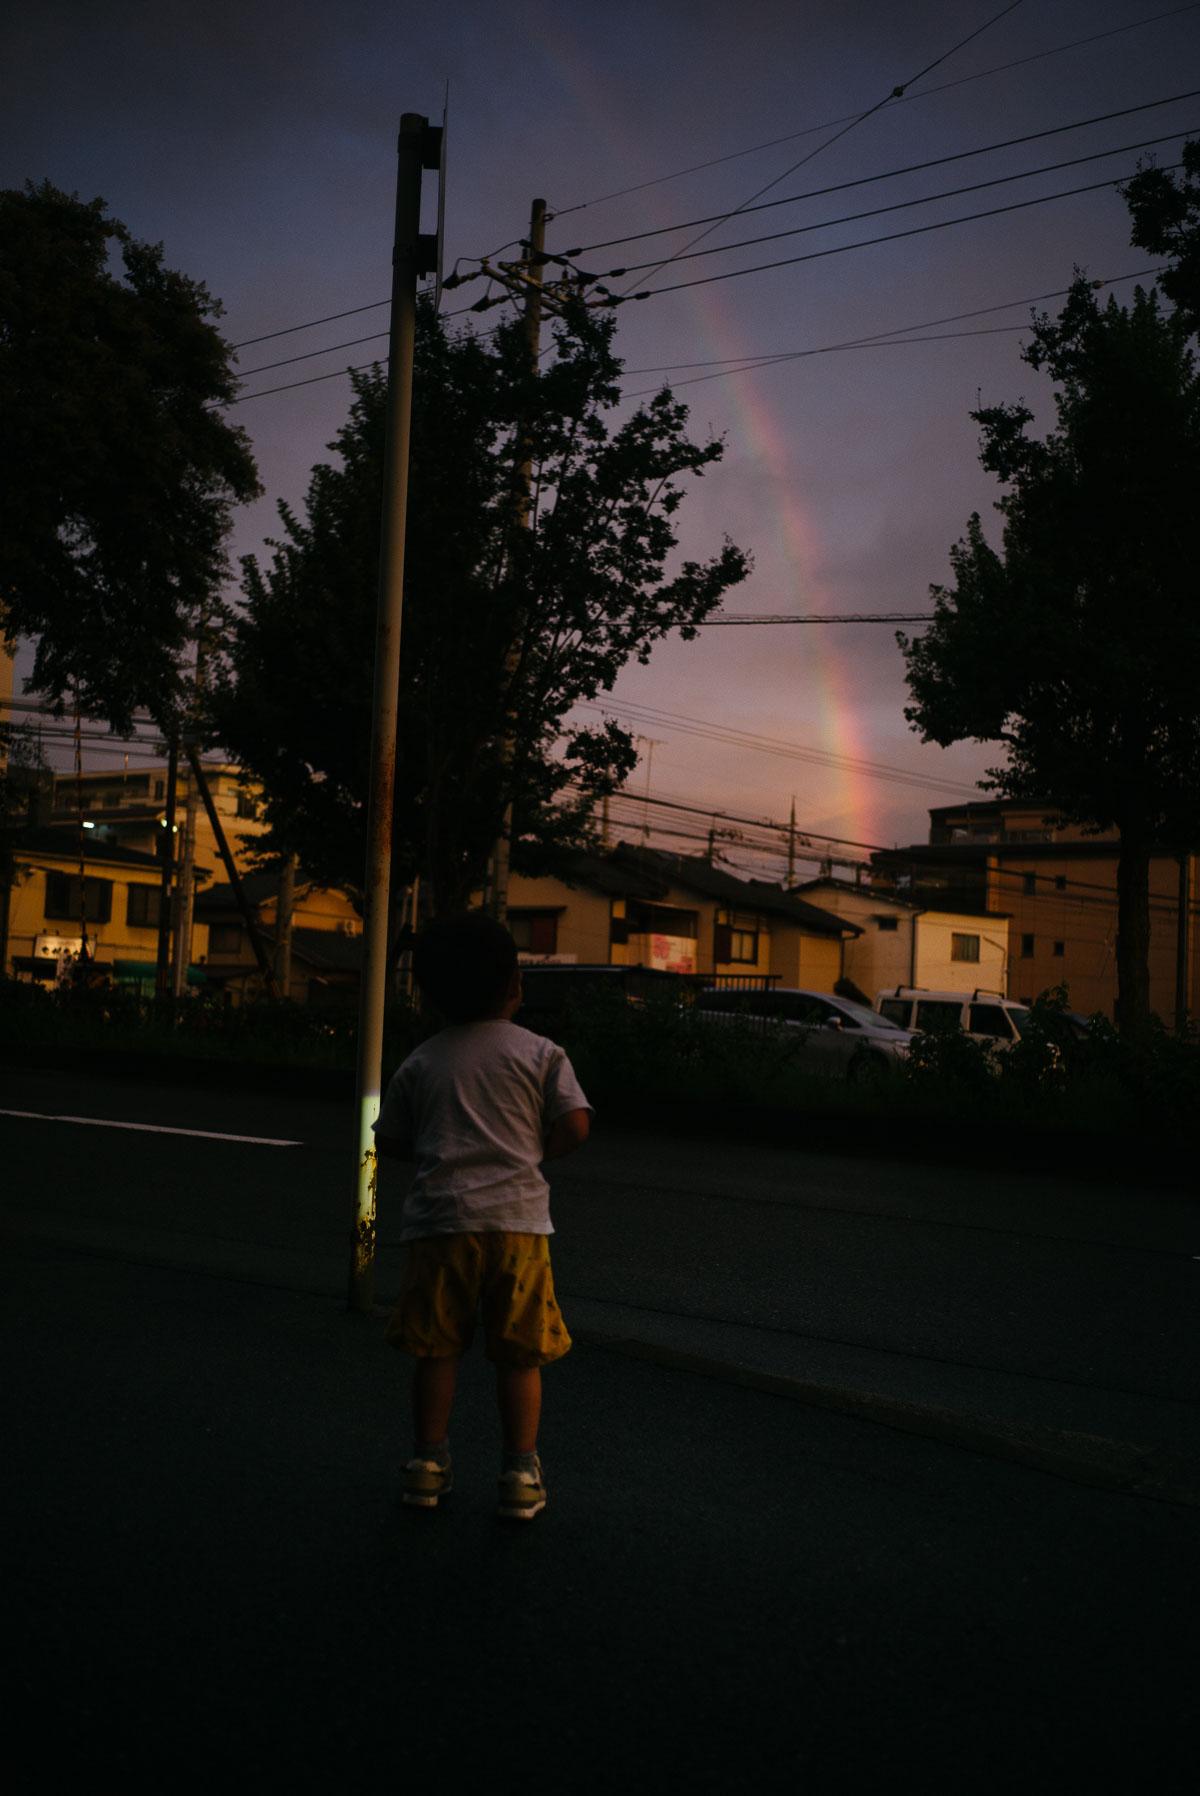 帰り道に見つけた大きな虹